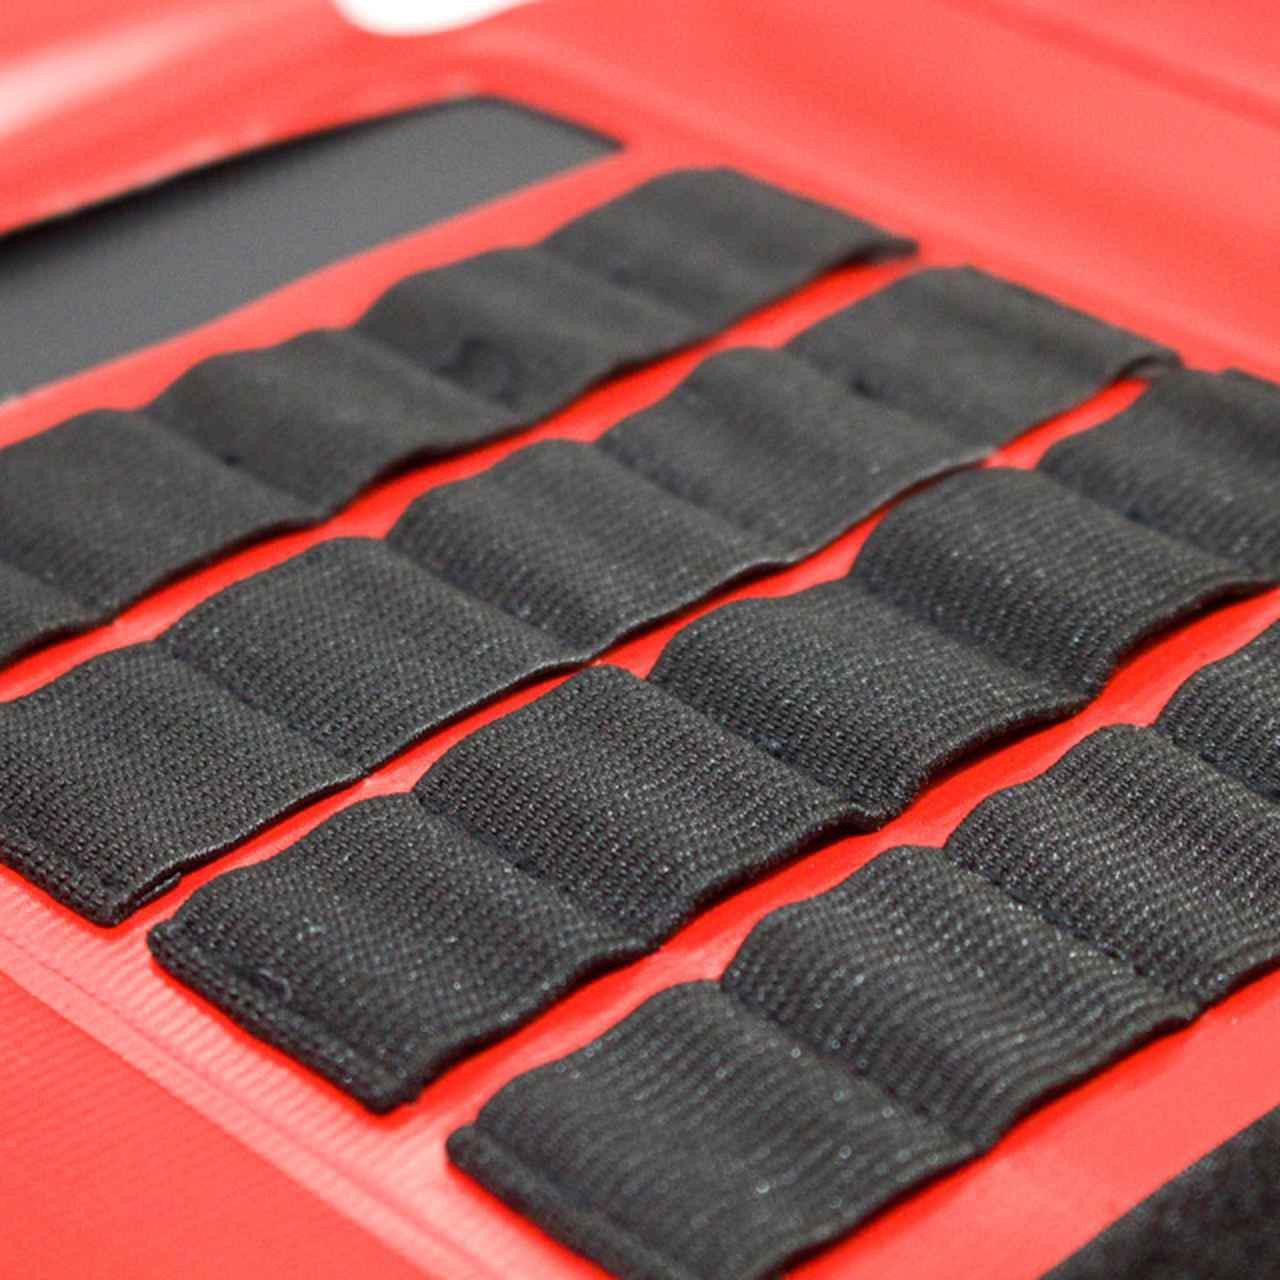 画像2: 携帯工具の悩みをスマートに解消、使いやすさにこだわった逸品